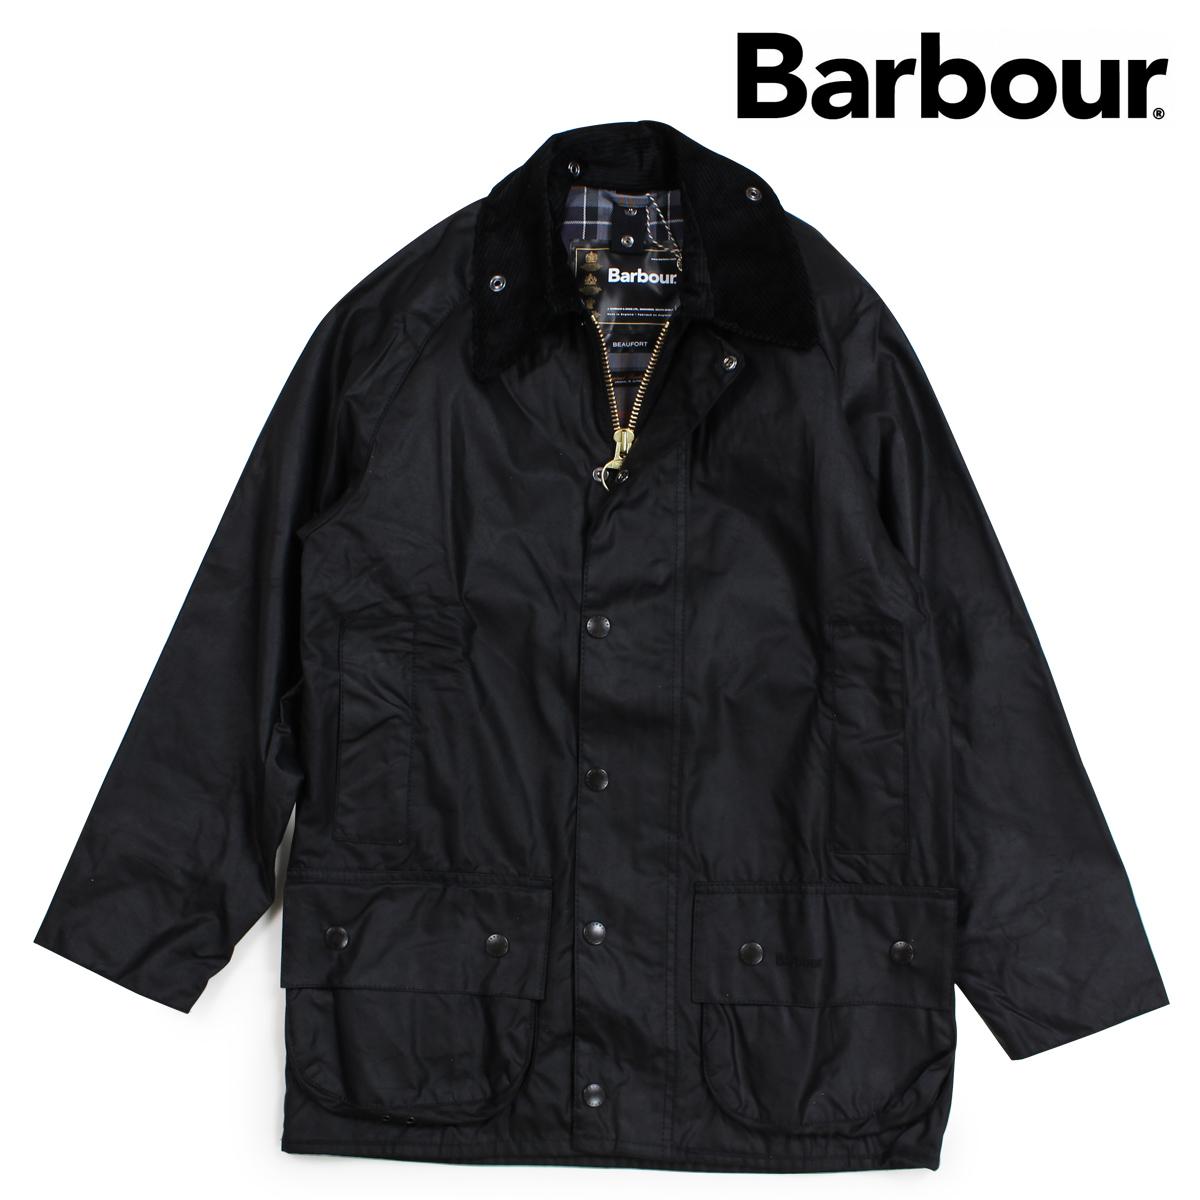 バブアー Barbour ジャケット ワックス メンズ ビューフォート BEAUFORT JACKET ブラック MWX0017 [9/28 新入荷]